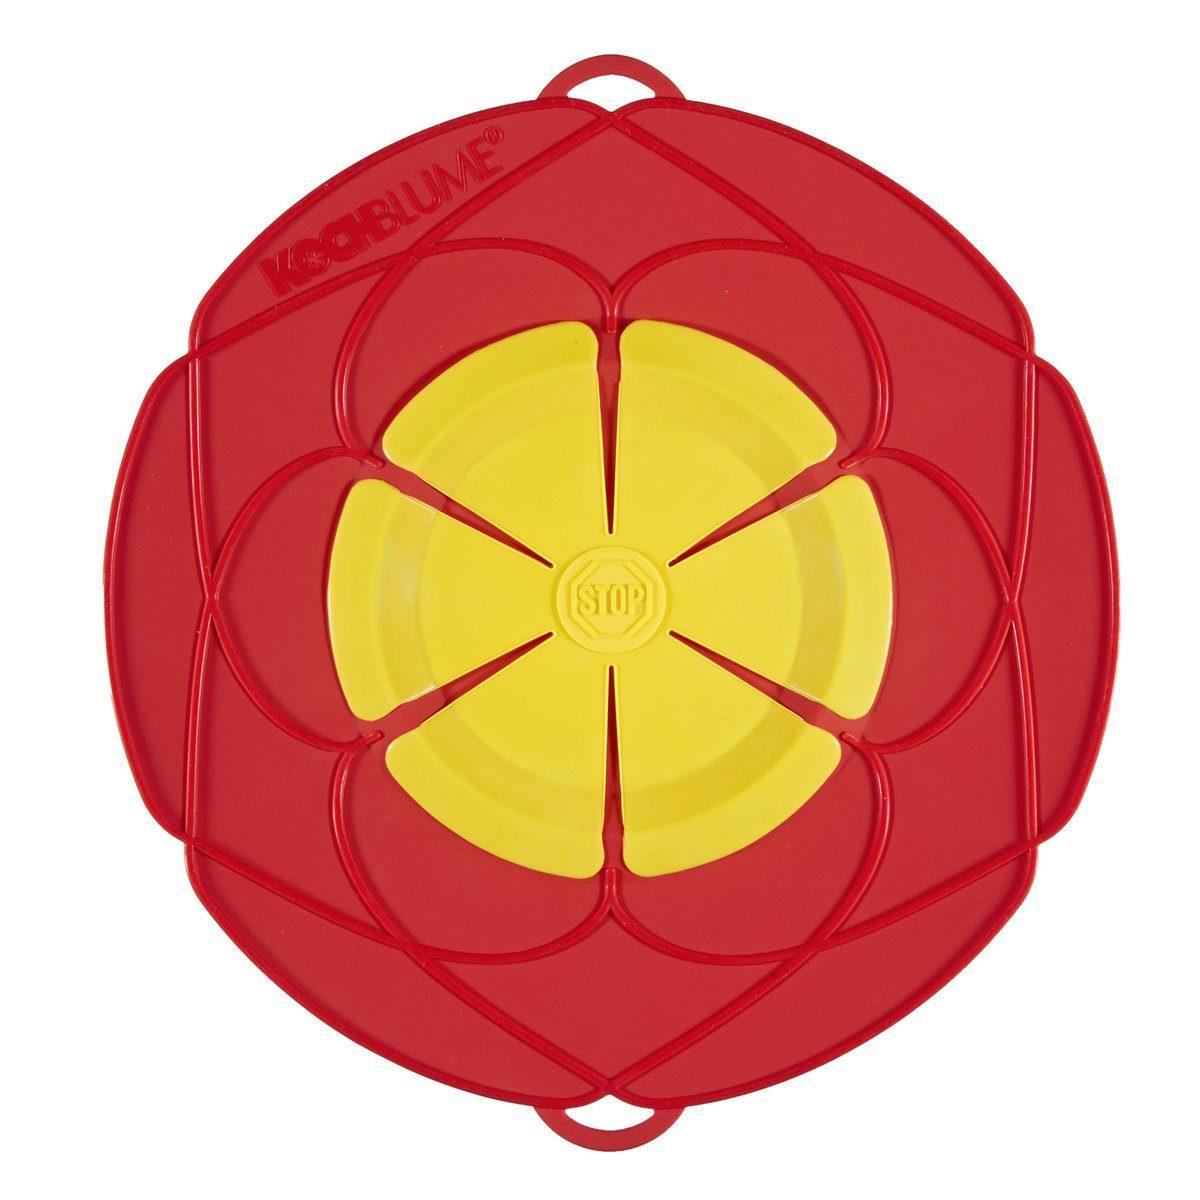 Kochblume Kochblume Überkochschutz rot-gelb 25.5 cm